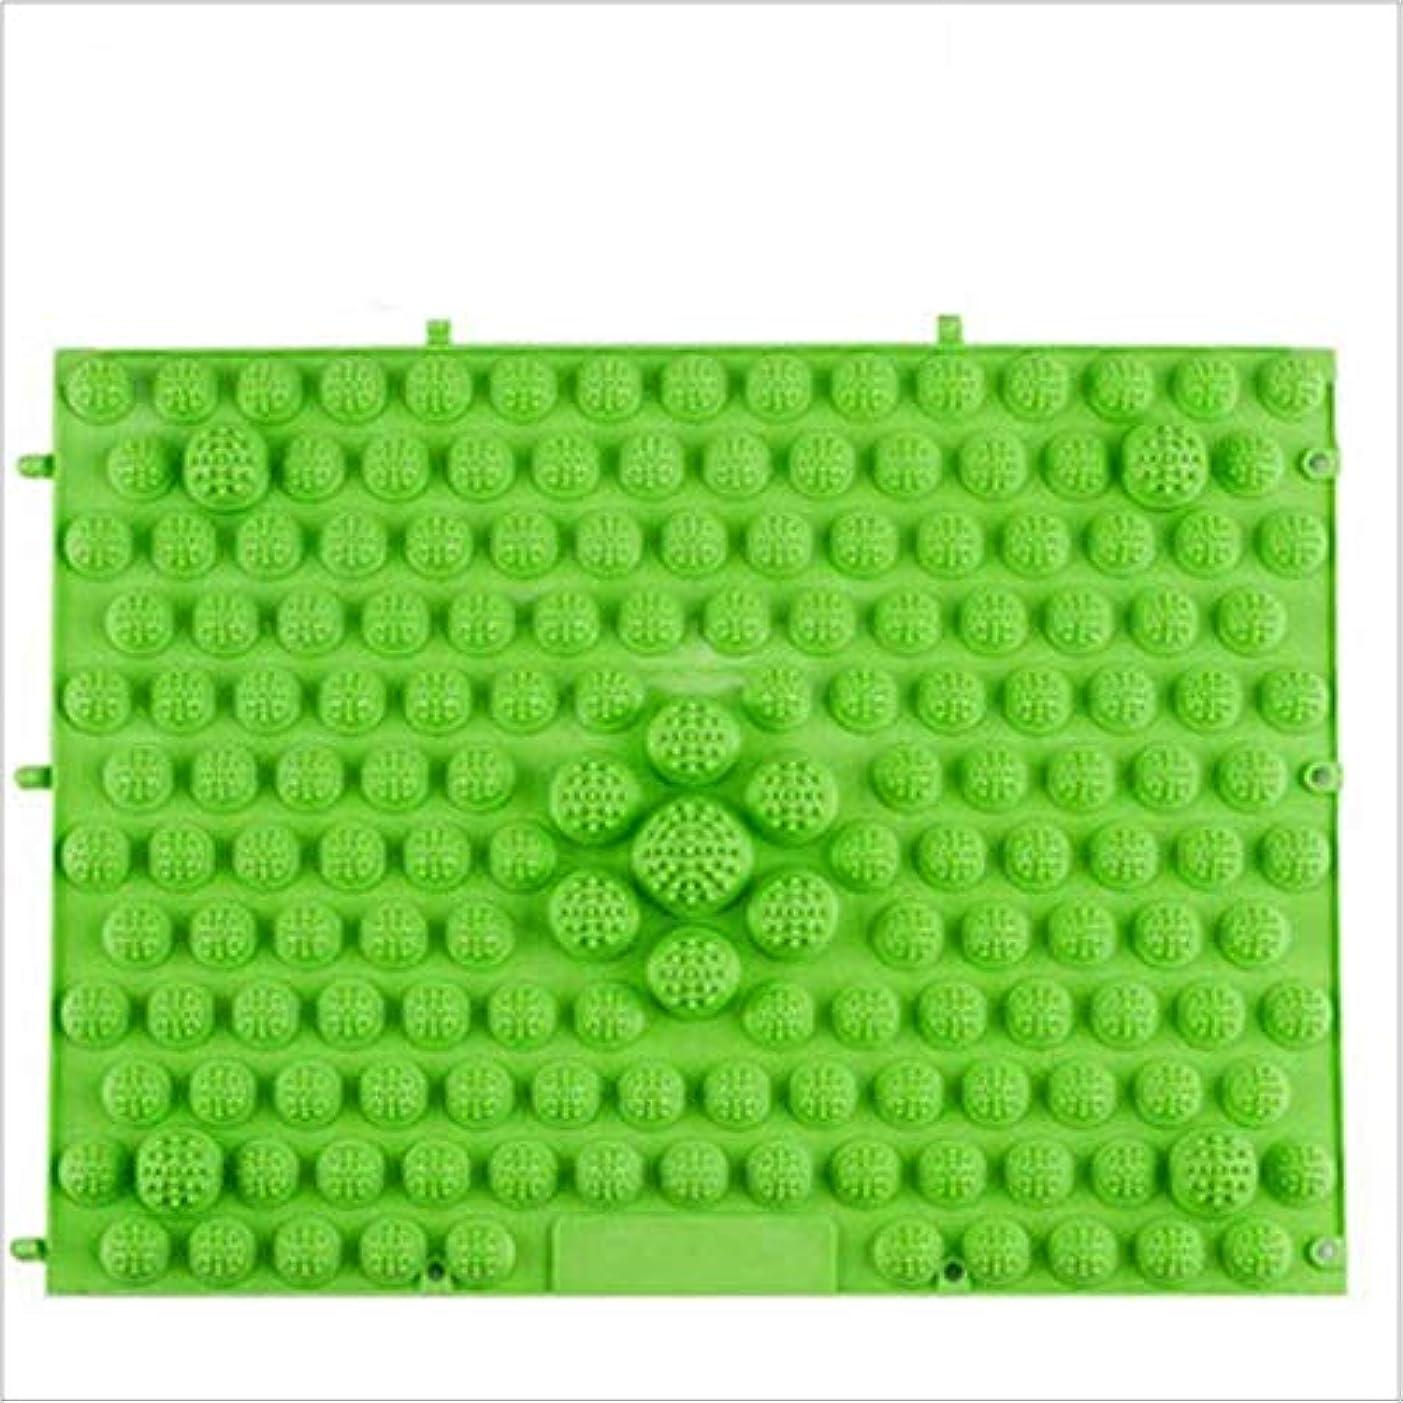 評議会エリートビットウォークマット 裏板セット(ABS樹脂製補強板付き) (グリーン)